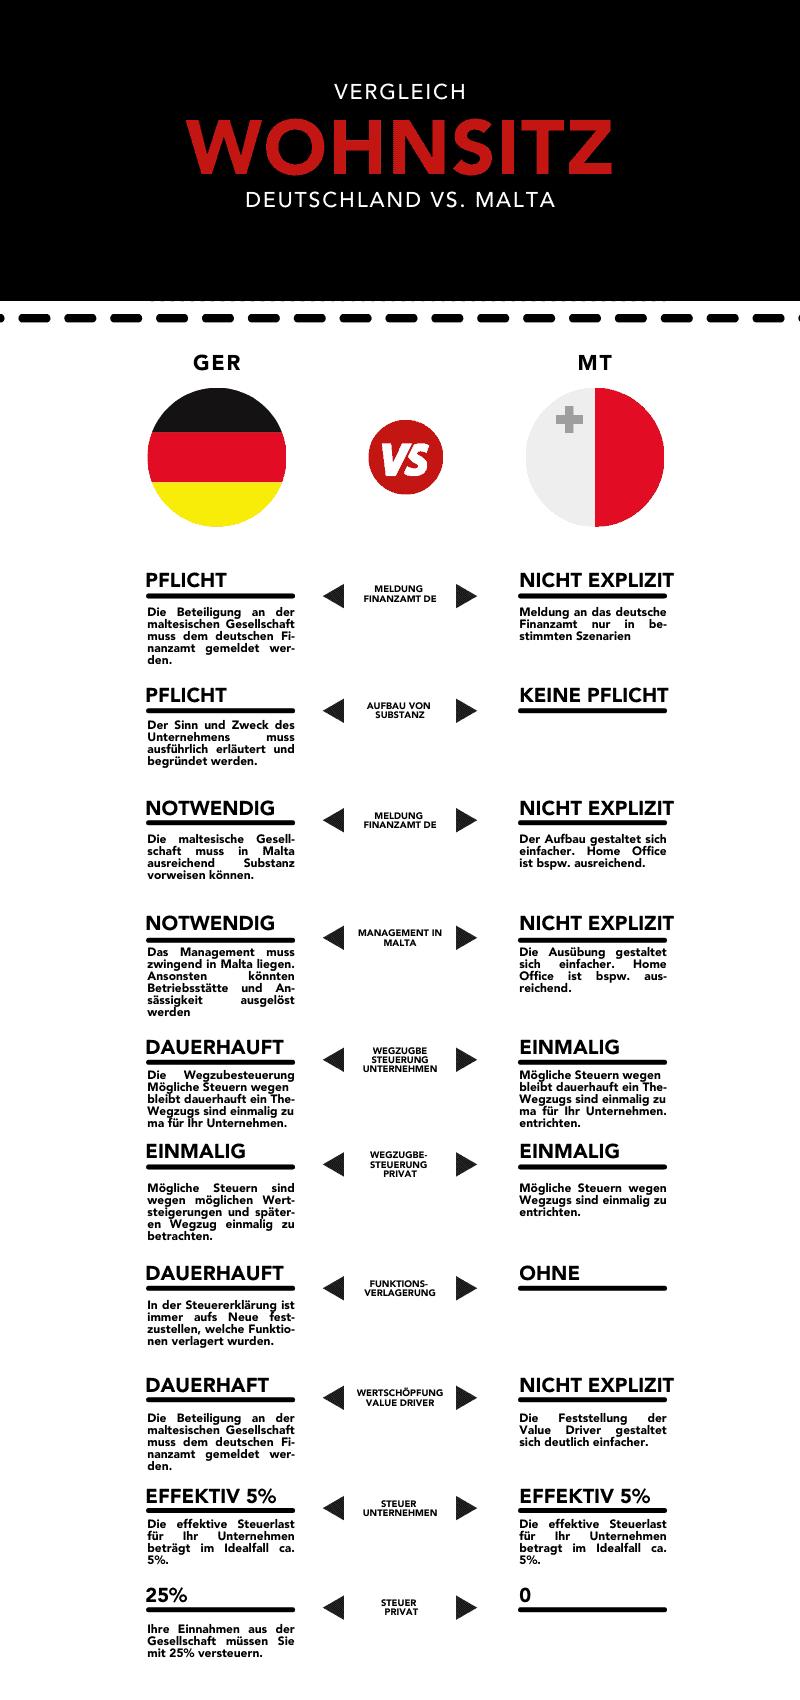 Wohnsitz Germany vs Malta